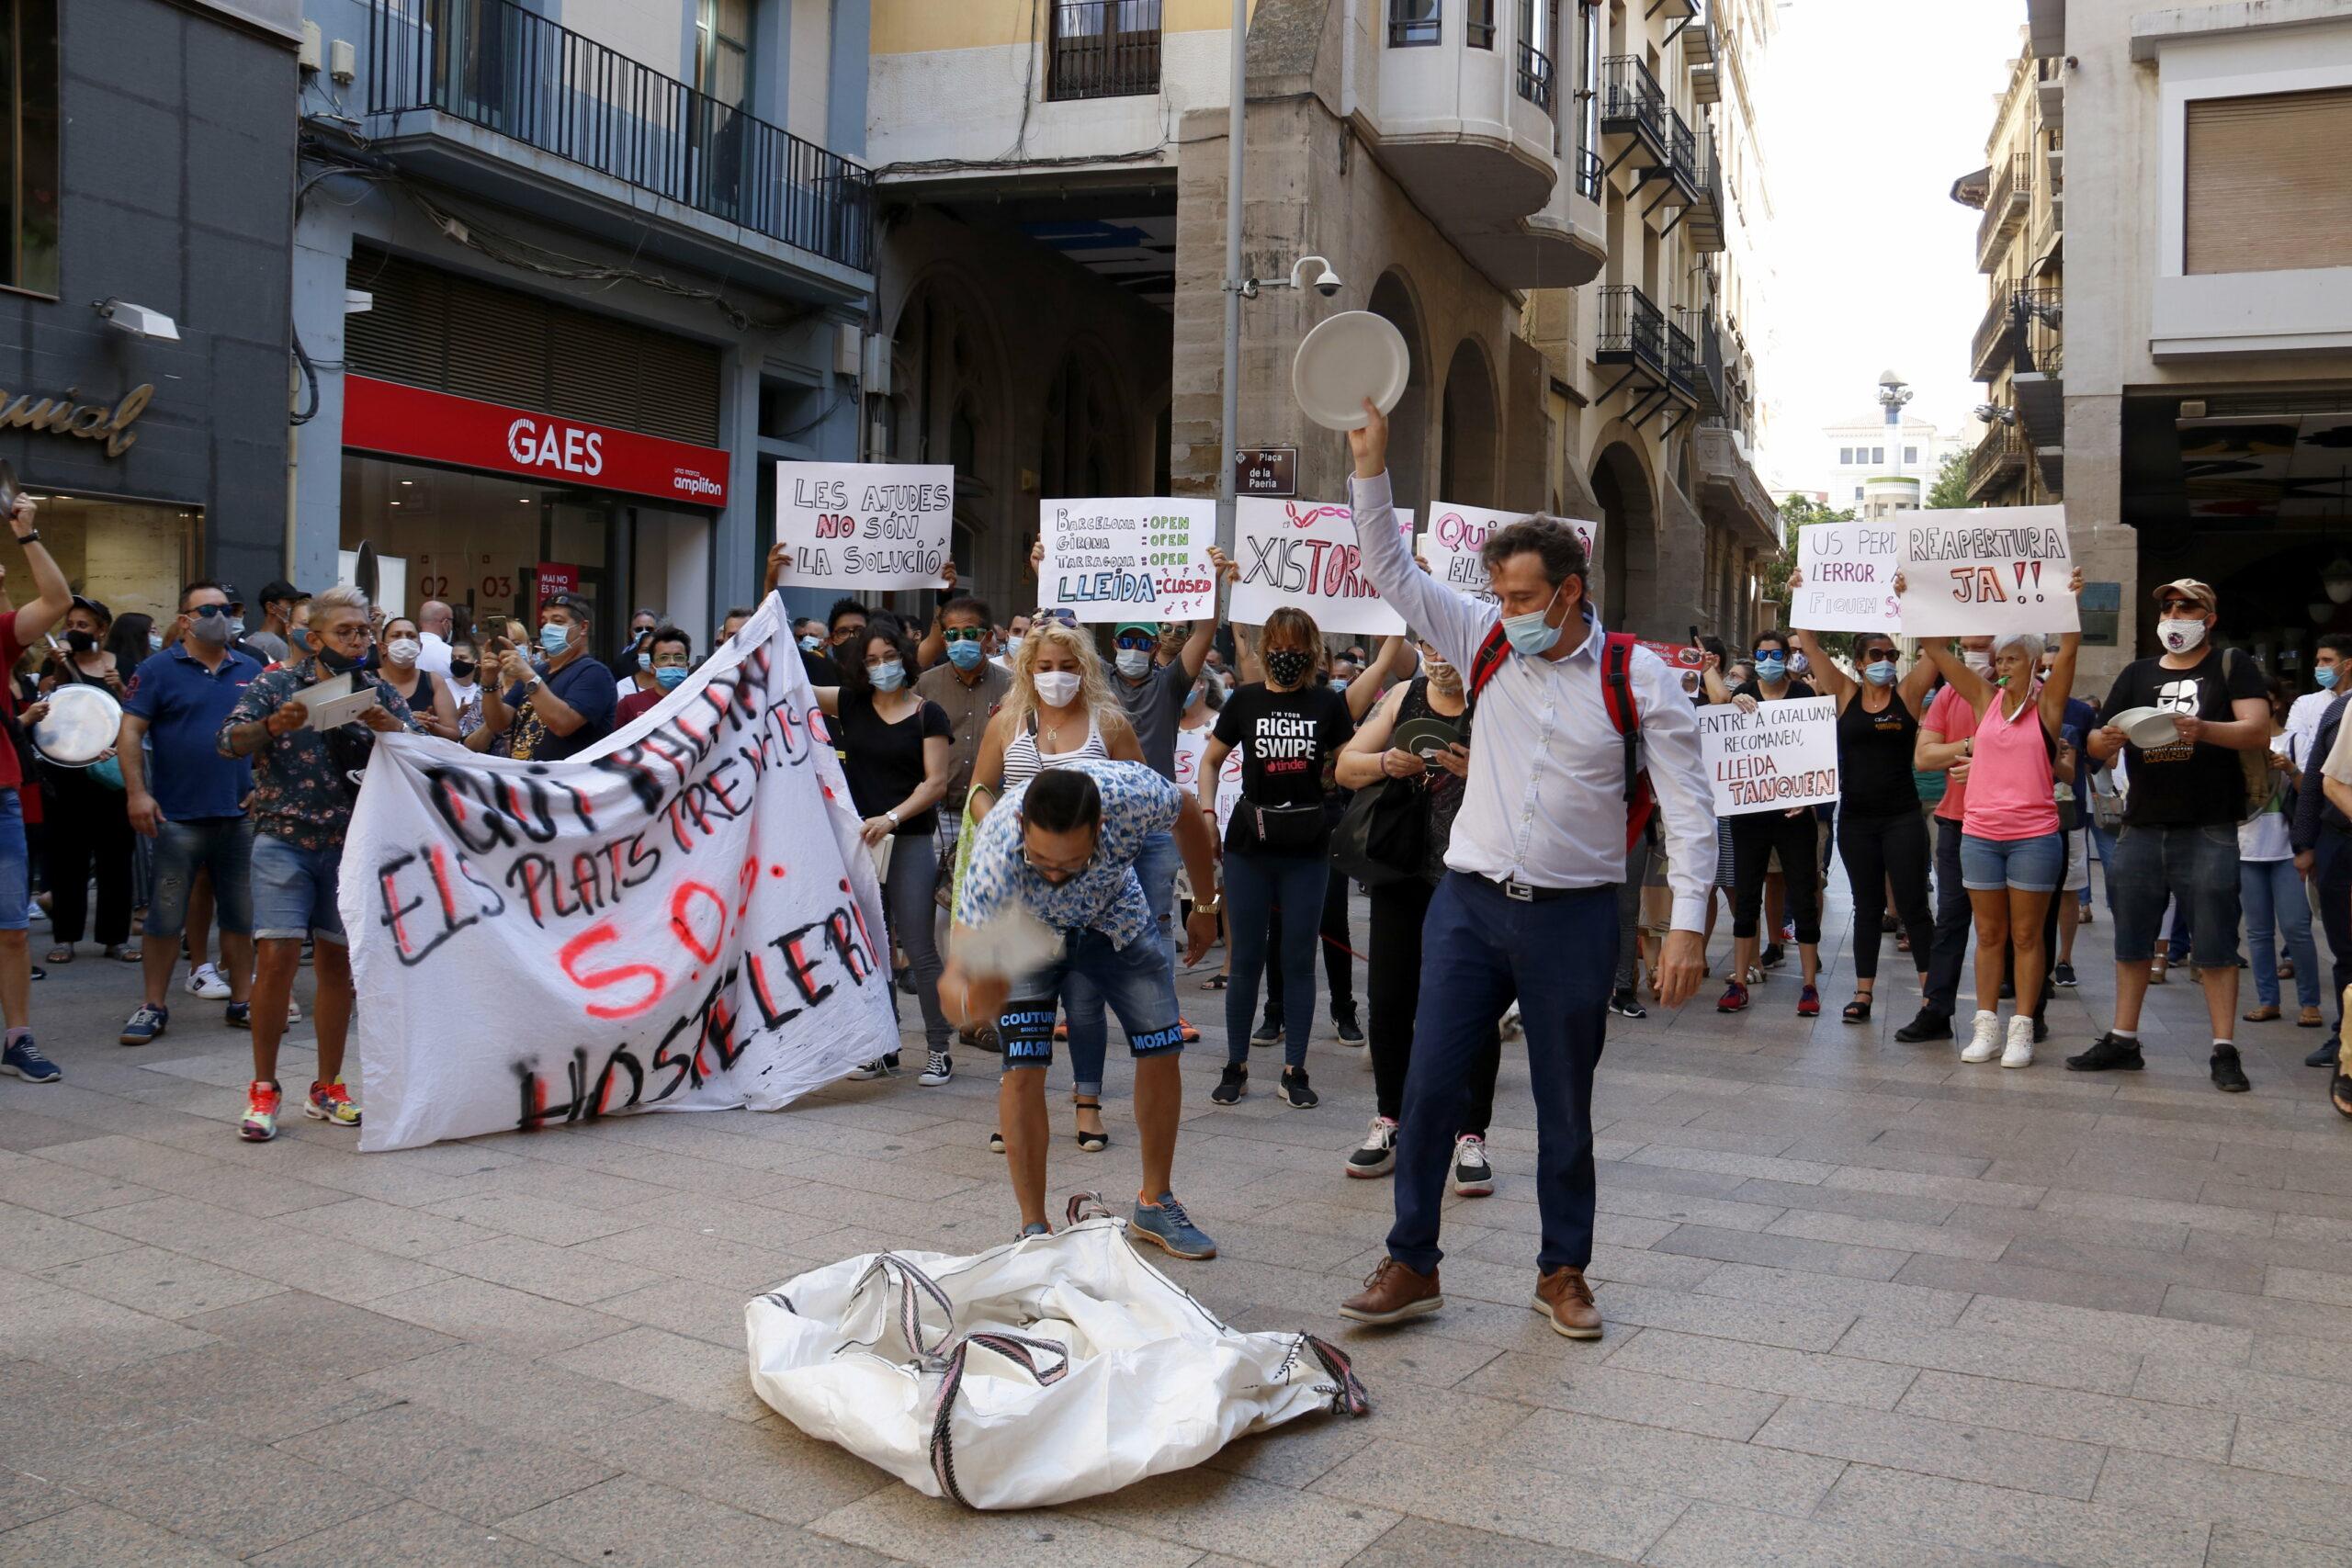 Restauradors de Lleida trencant plats davant la Paeria | ACN